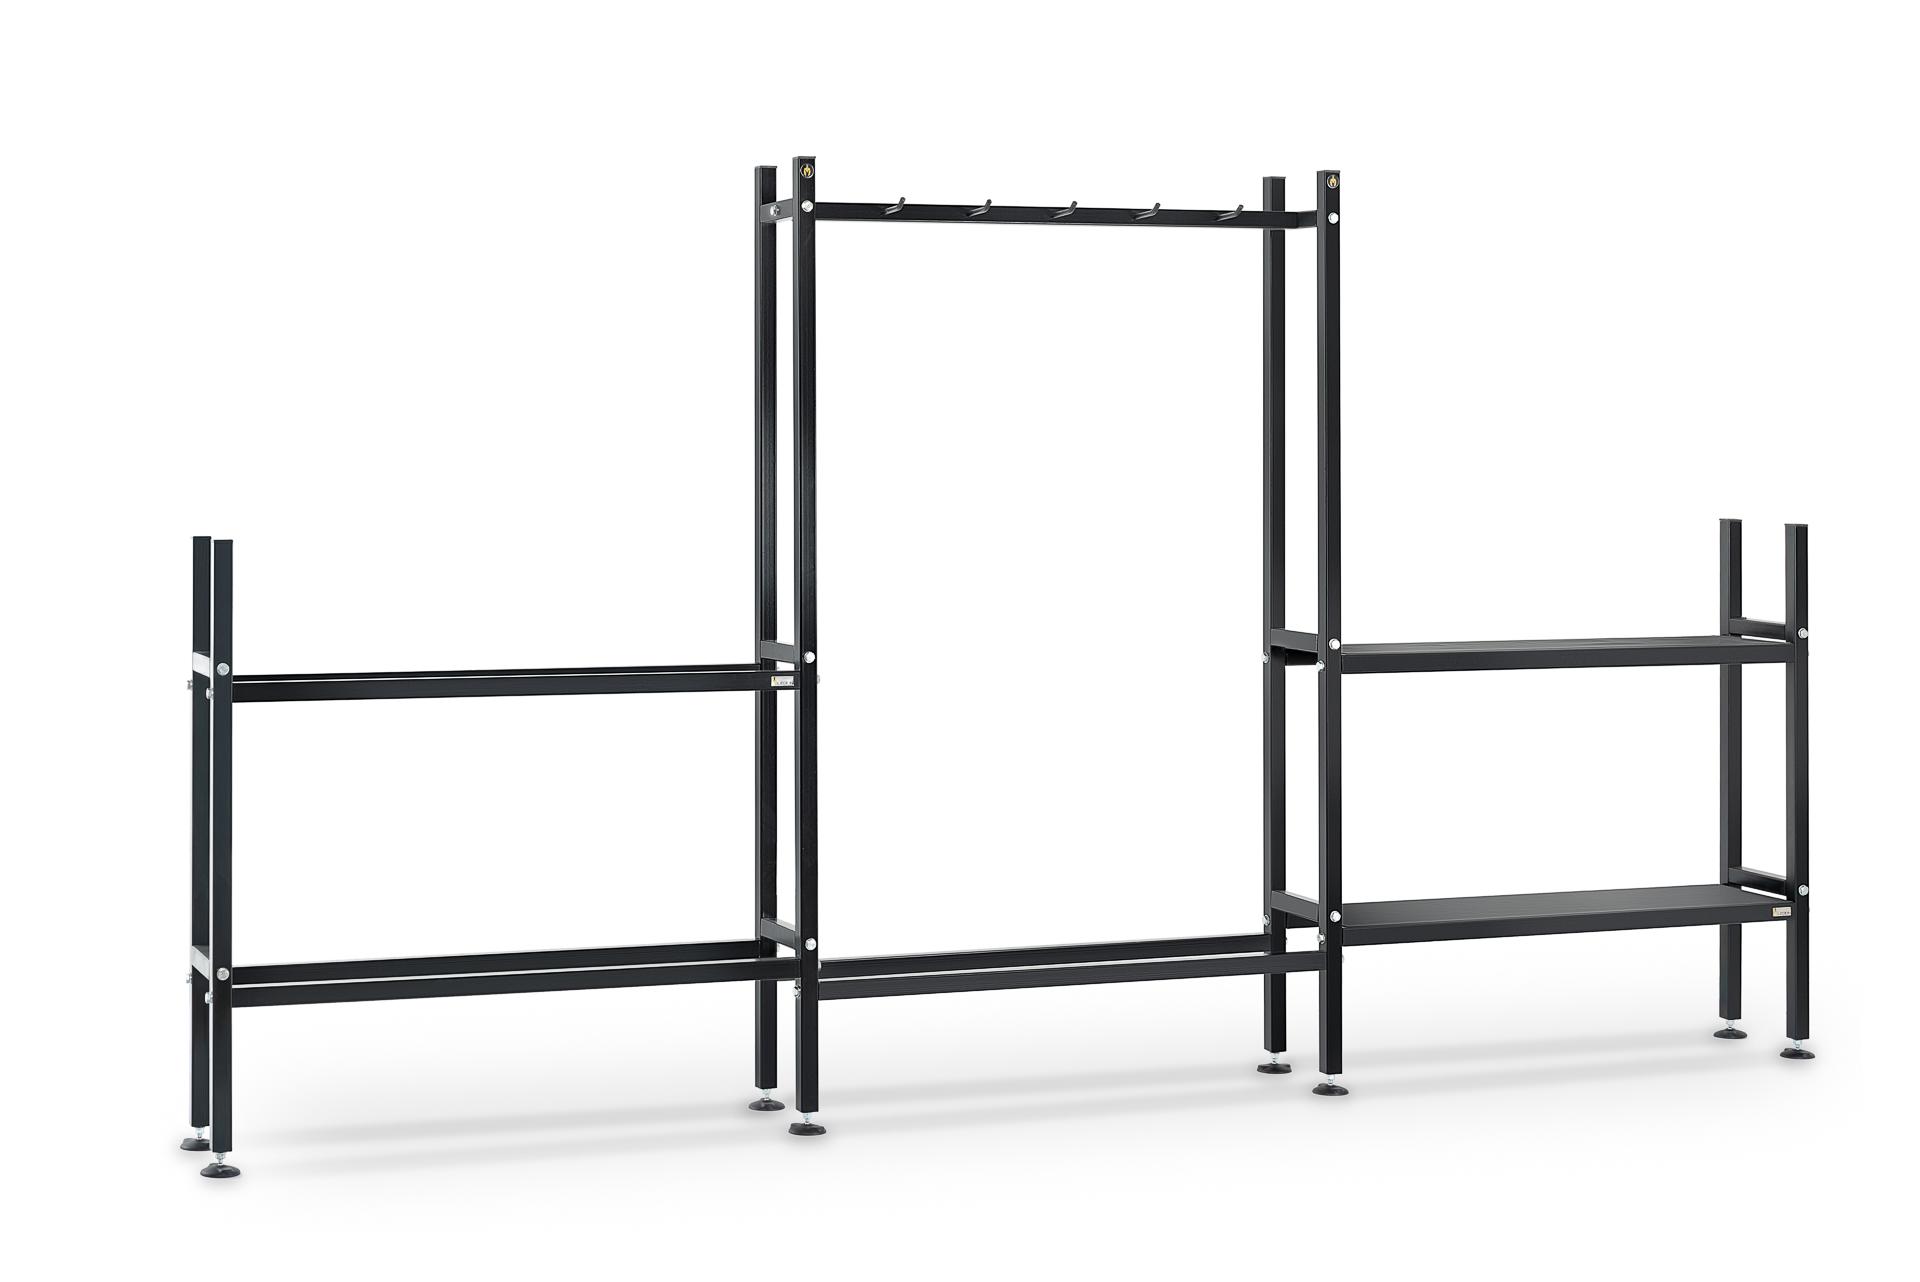 LG00811-Rack-for-Equipment